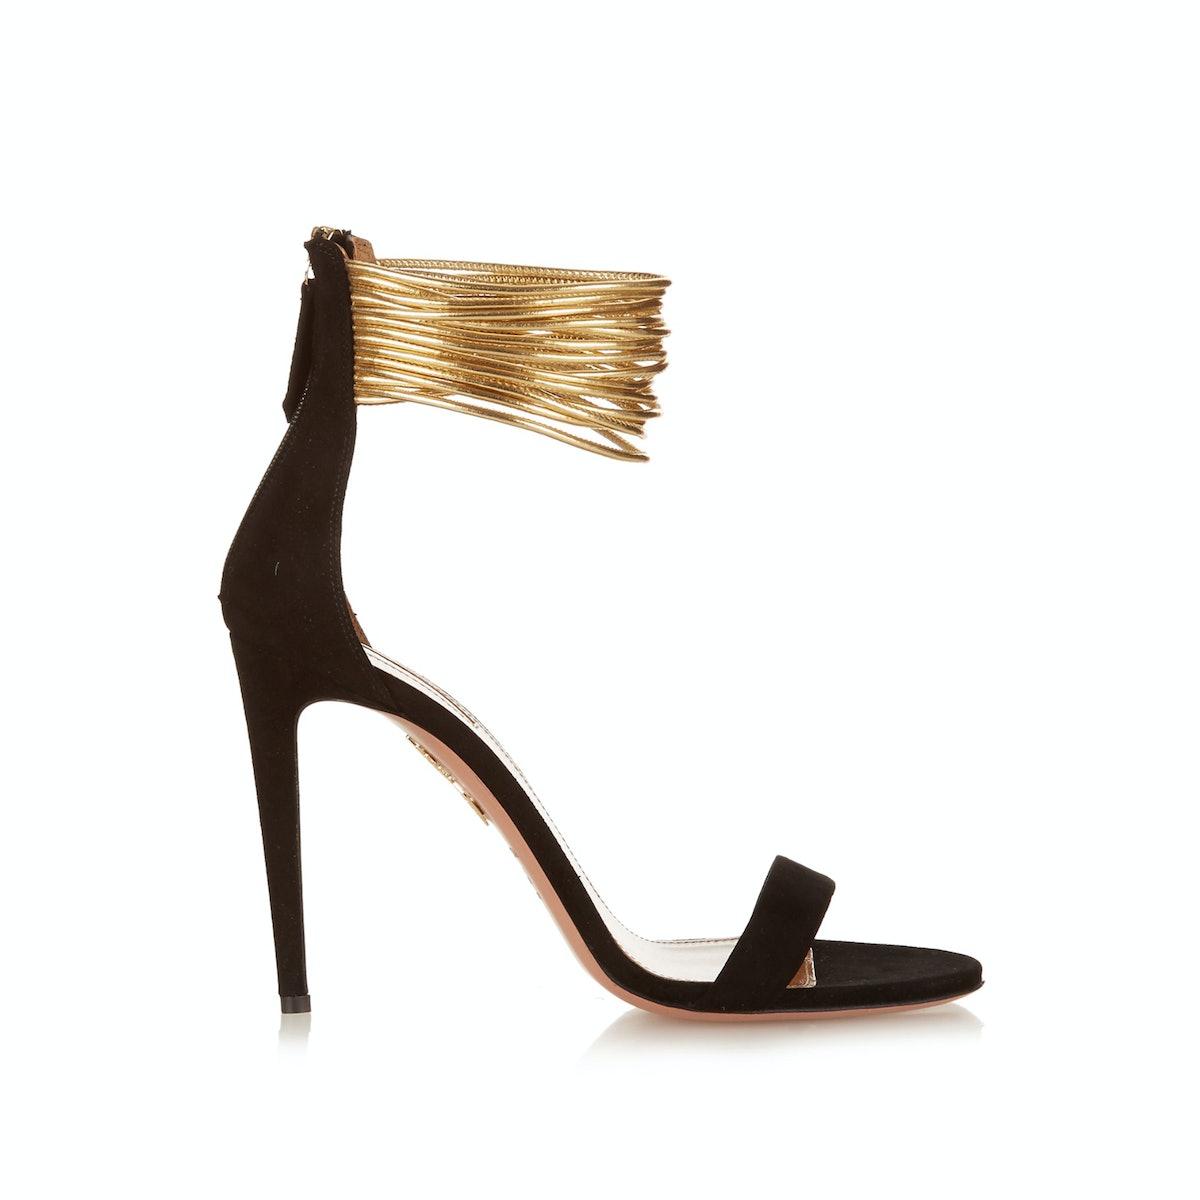 Aquazarra-sandals,-$672,-at-matchesfashion.com